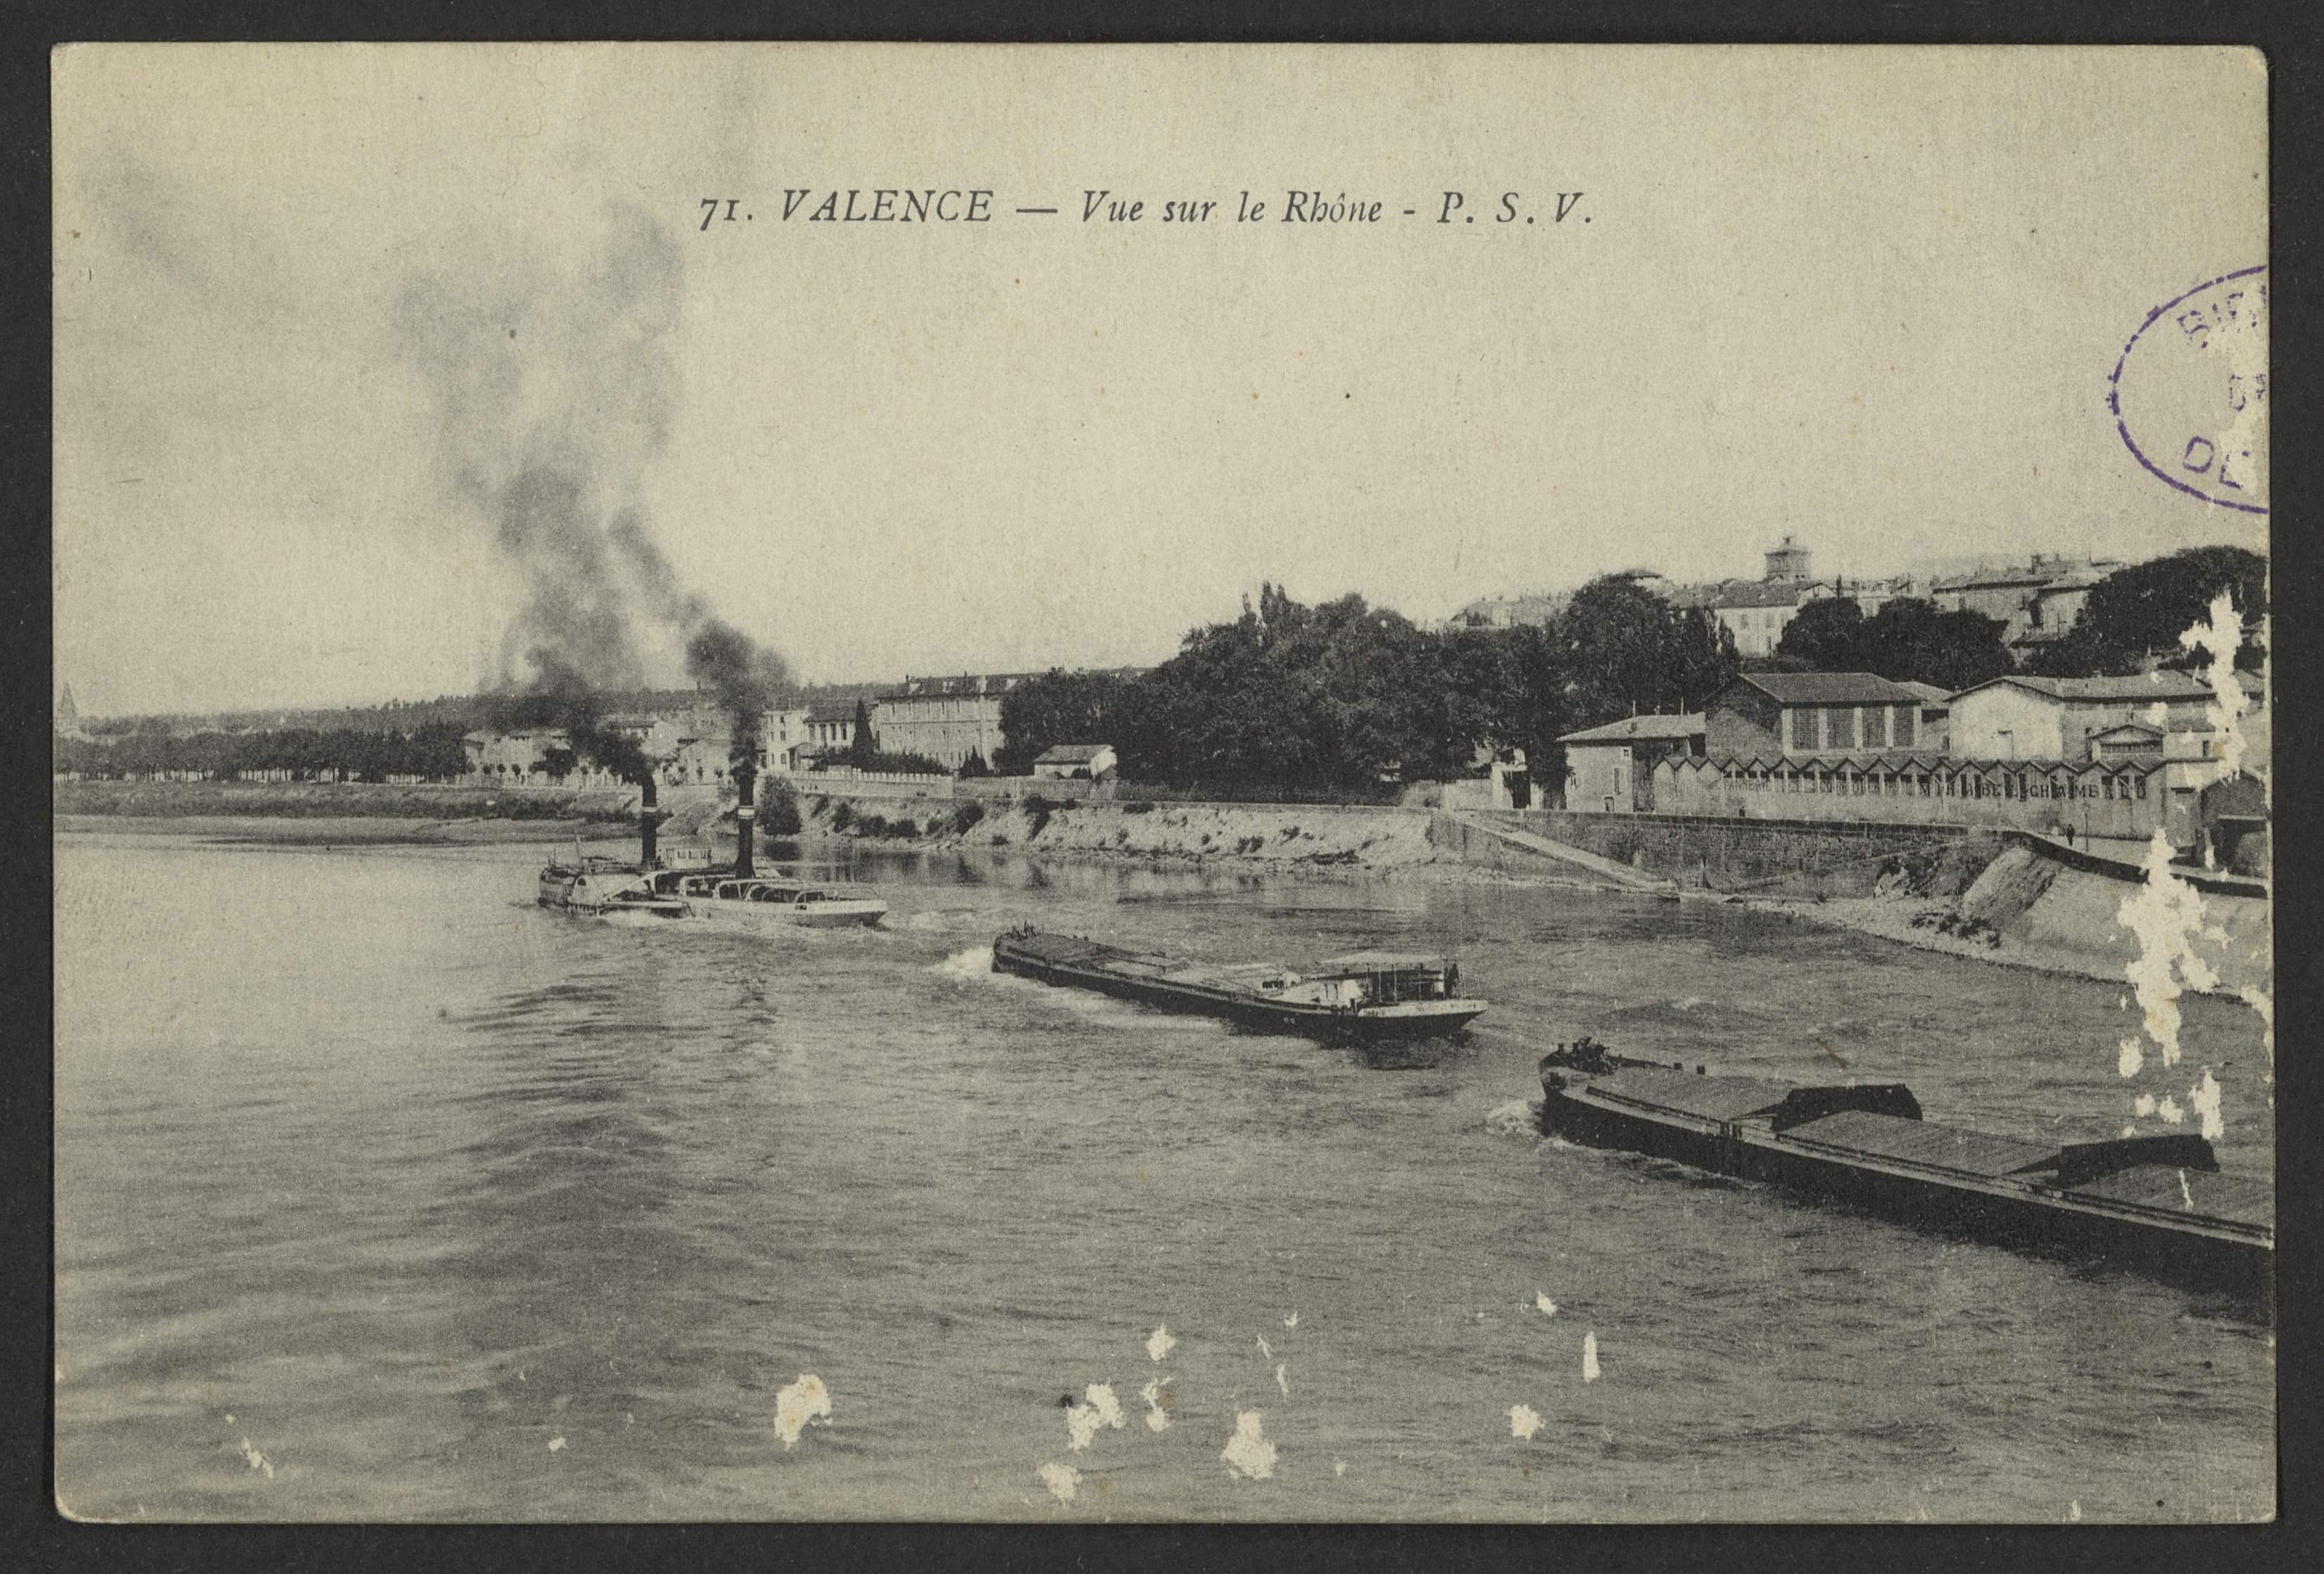 Valence - Vue sur le Rhône